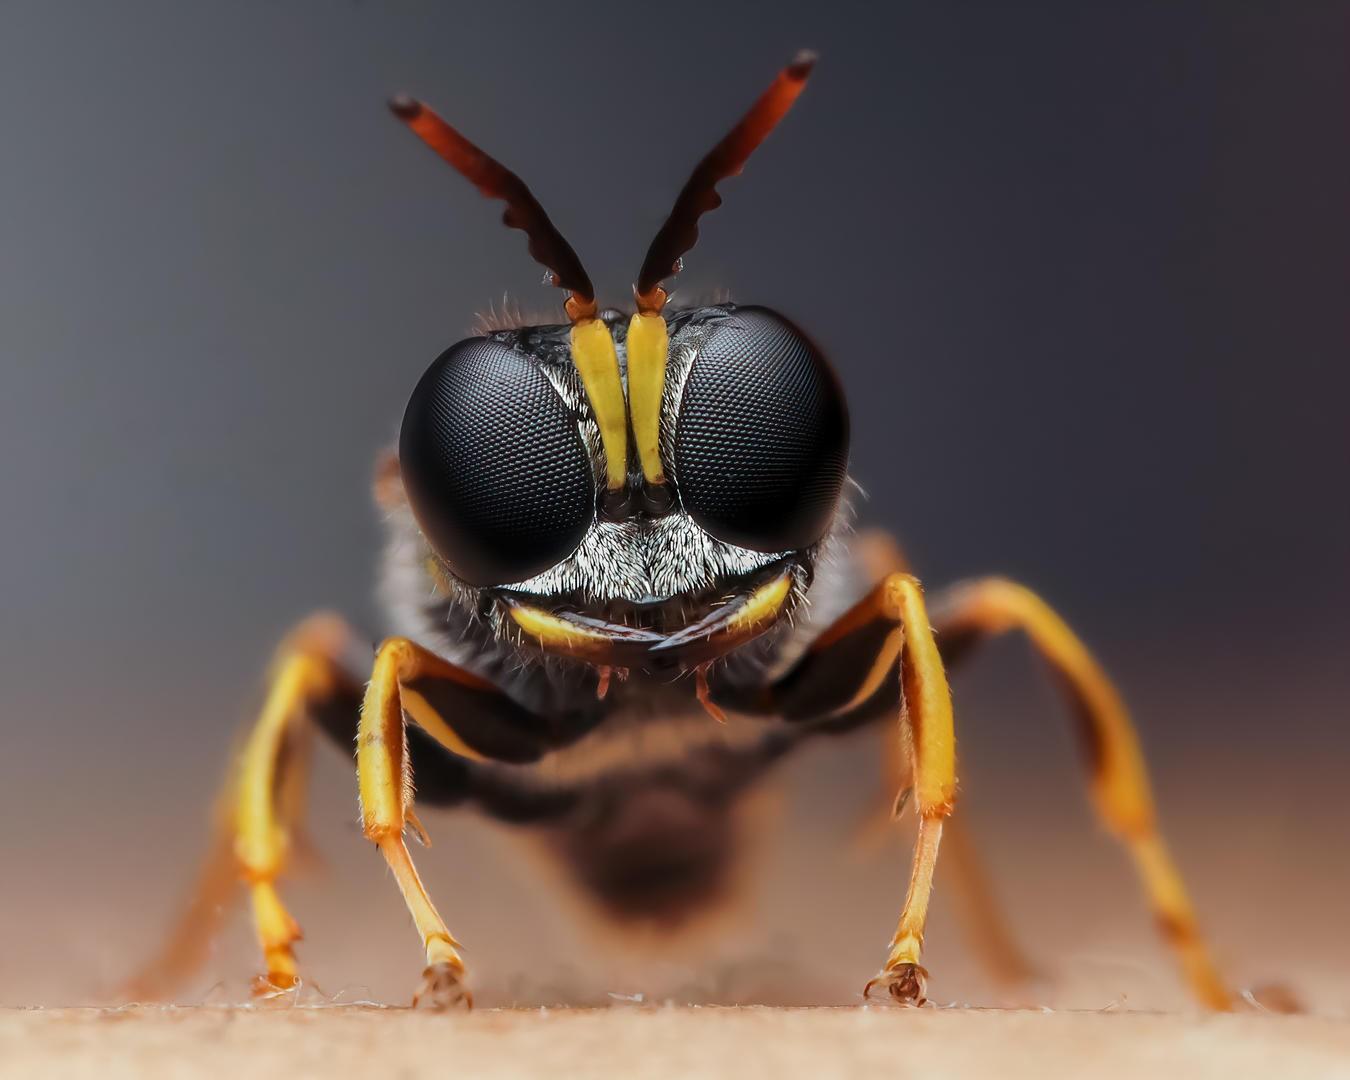 Concurso premia melhores fotos de insetos ao redor do mundo (Foto: Rory J Lewis)